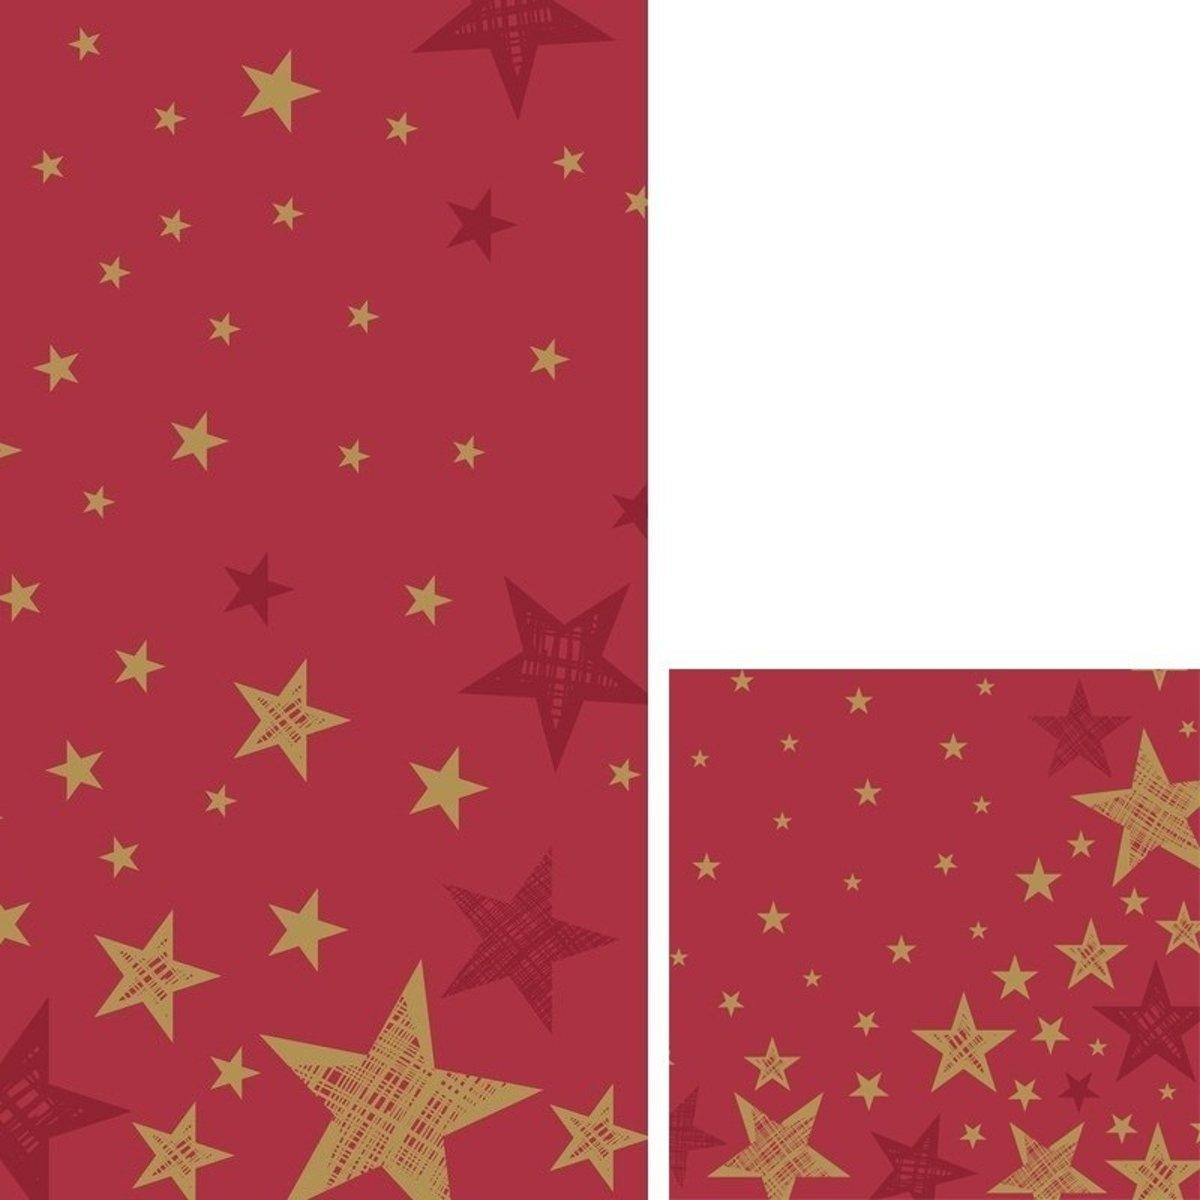 Kerst tafeldecoratie set rood/goud sterren tafelkleed/servetten - Kerstdiner tafeldecoratie versieringen